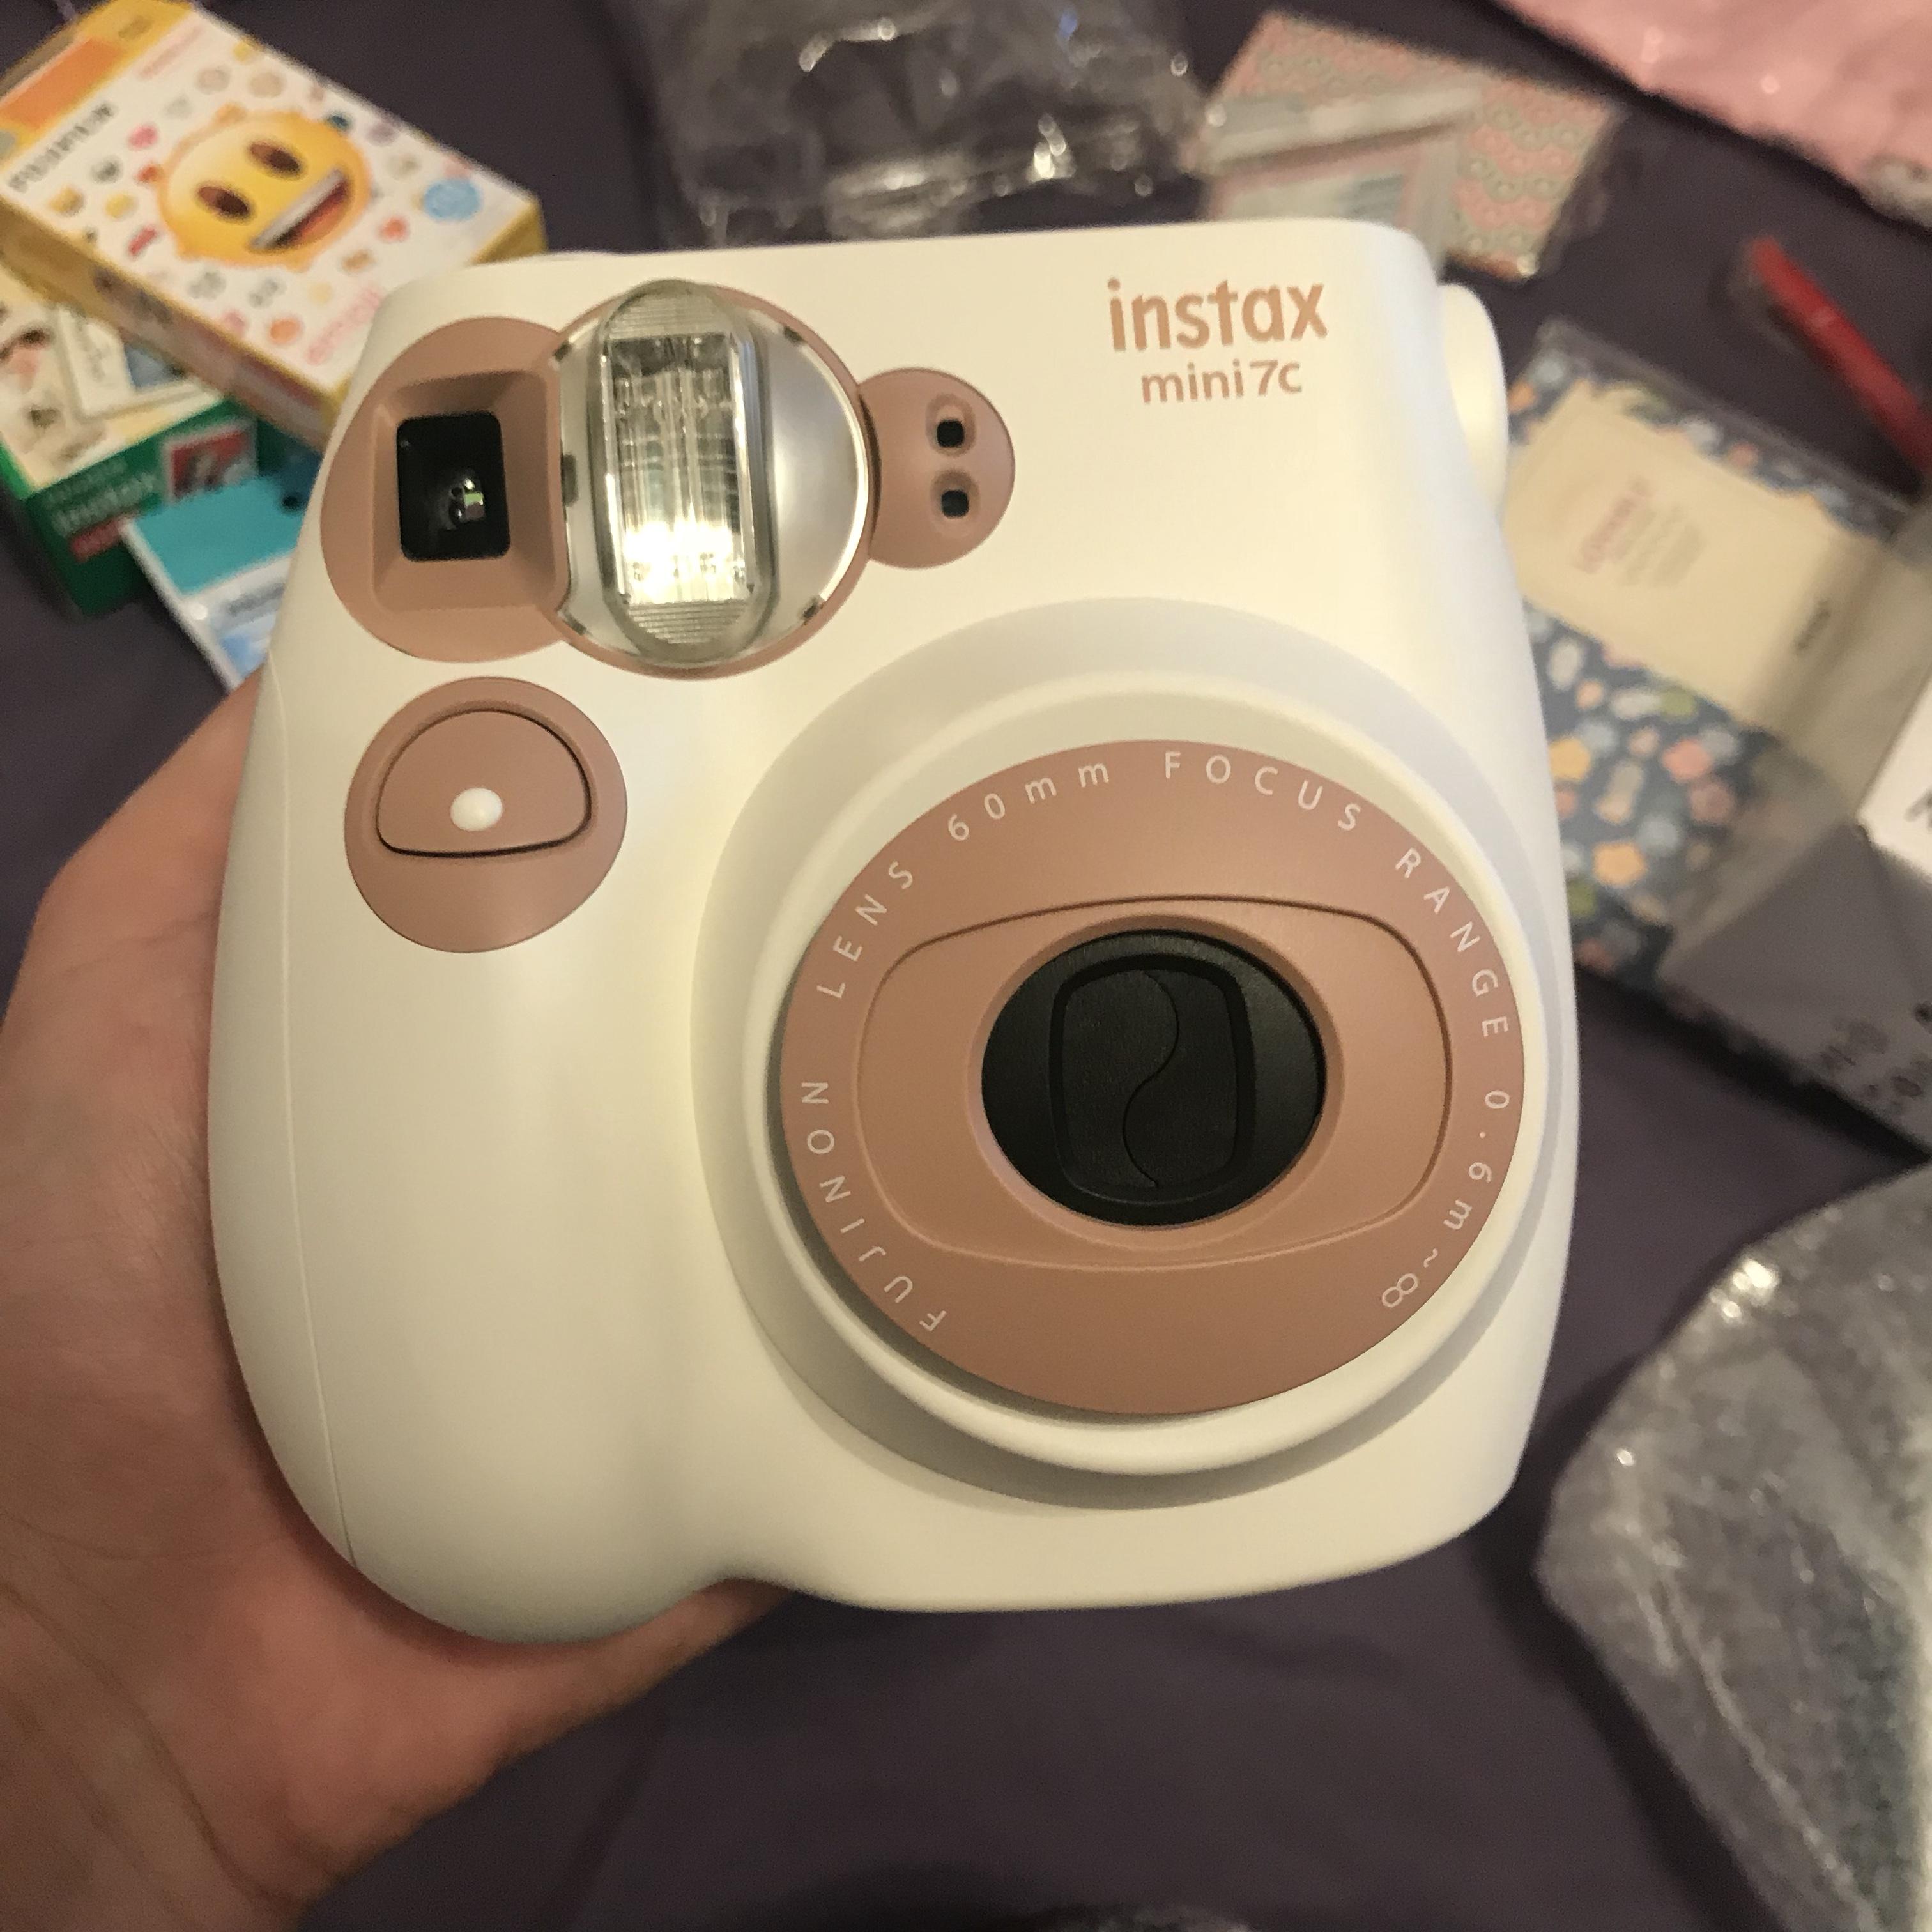 富士拍立得熊猫mini7s相机7c奶咖入门级一次成像立拍得迷你7s相机